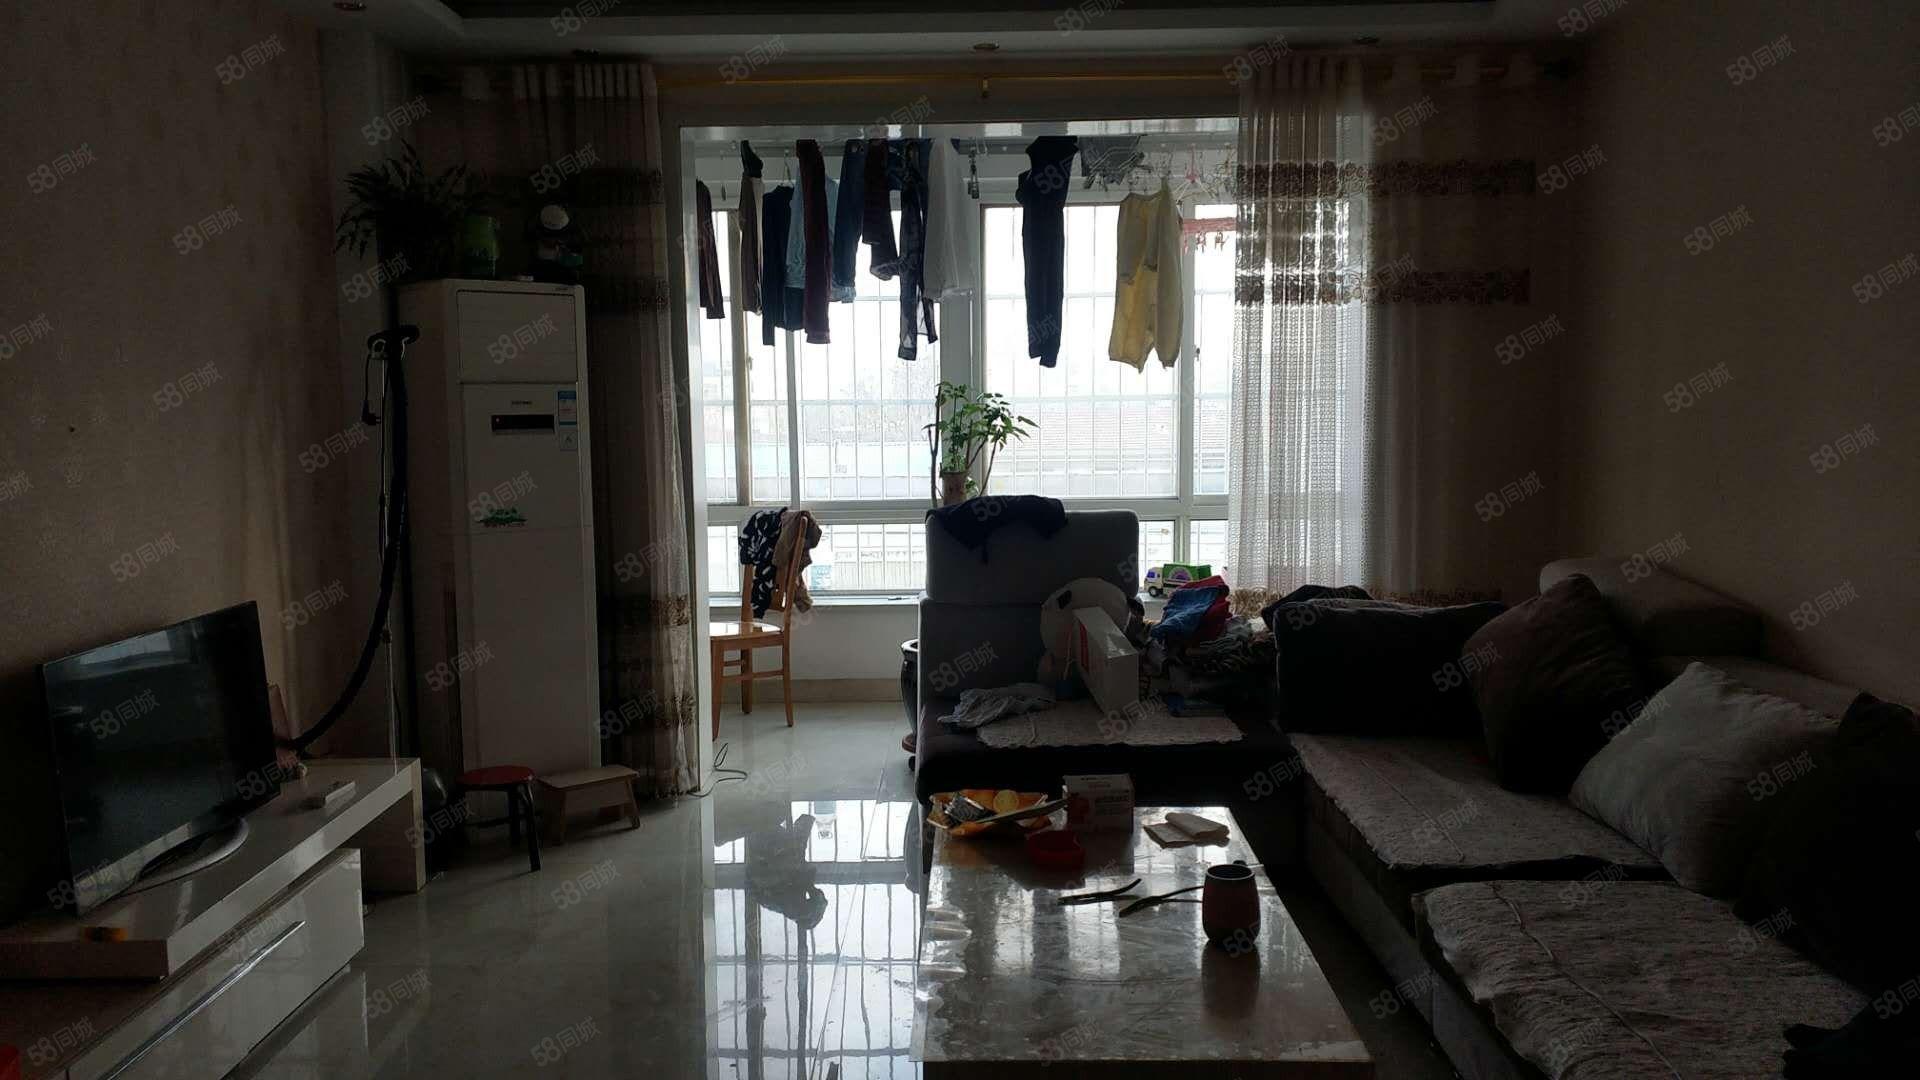 润泽小区4楼3室2厅1卫精装有证有储藏室临近百大银座交通便利